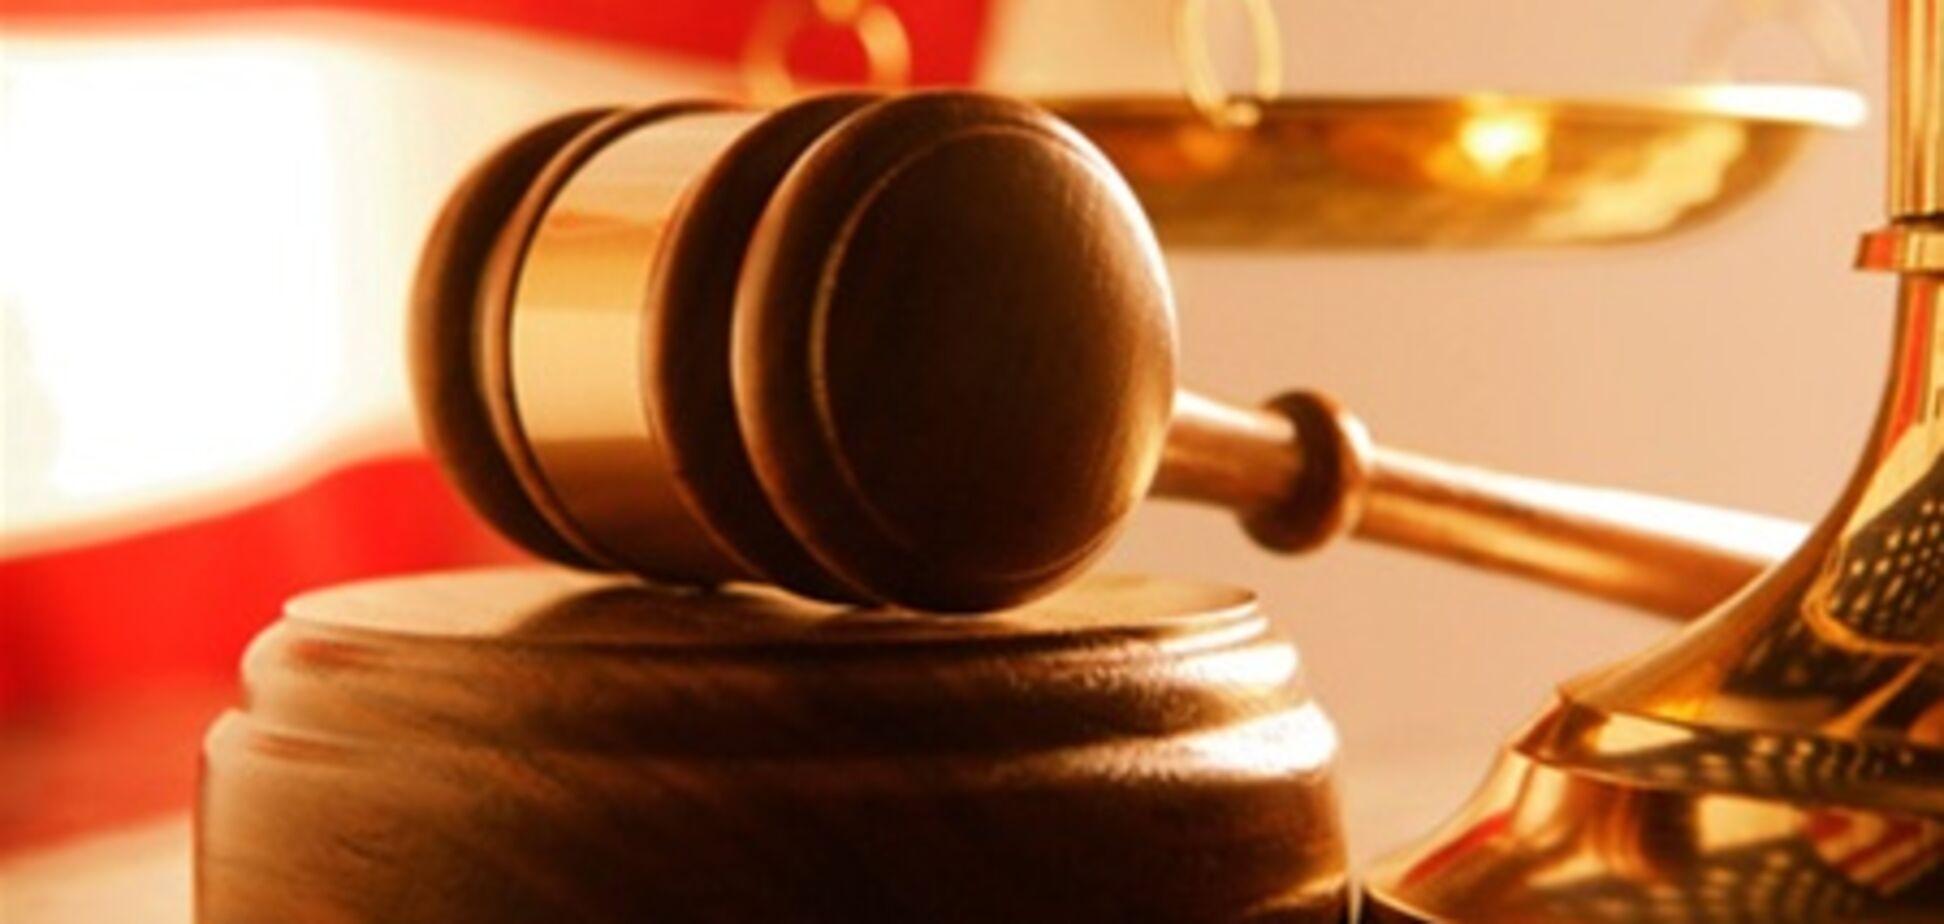 Глава КГГА подал в суд иск об отмене землеотвода на Пейзажке